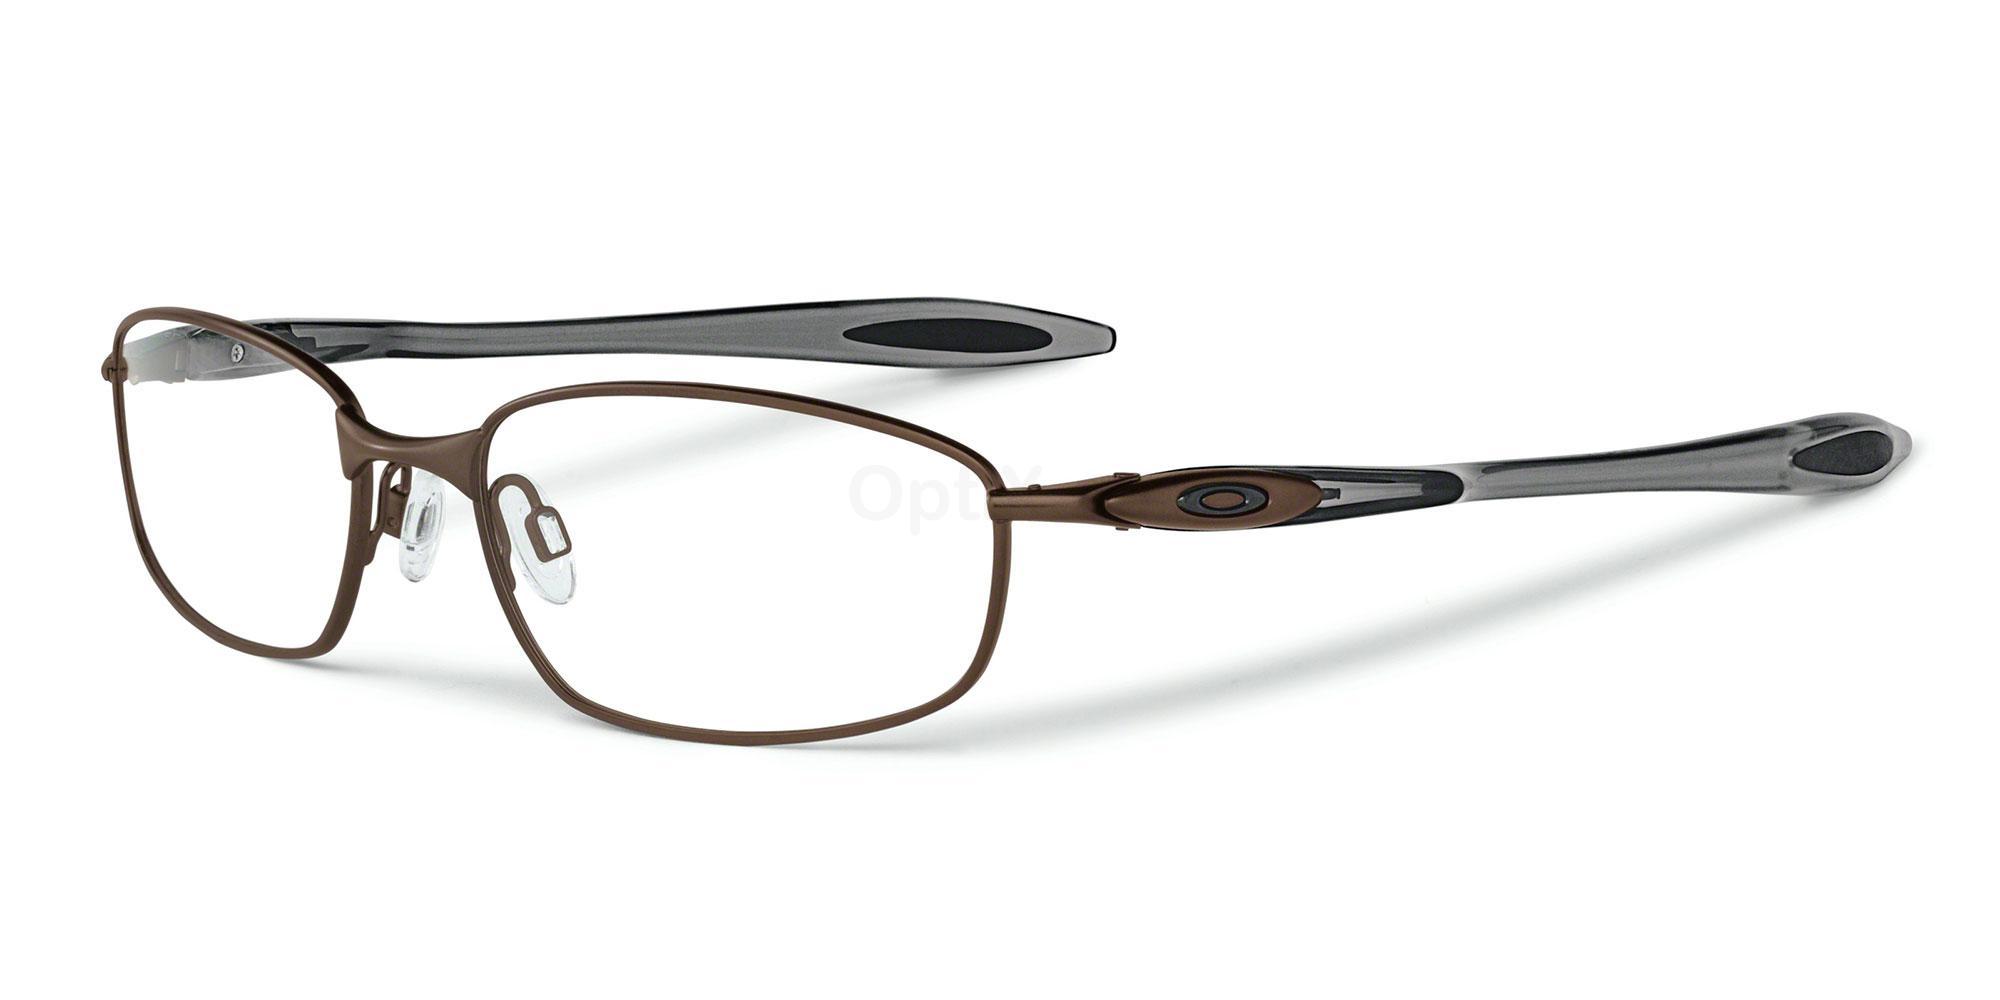 316201 OX3162 BLENDER 6B Glasses, Oakley